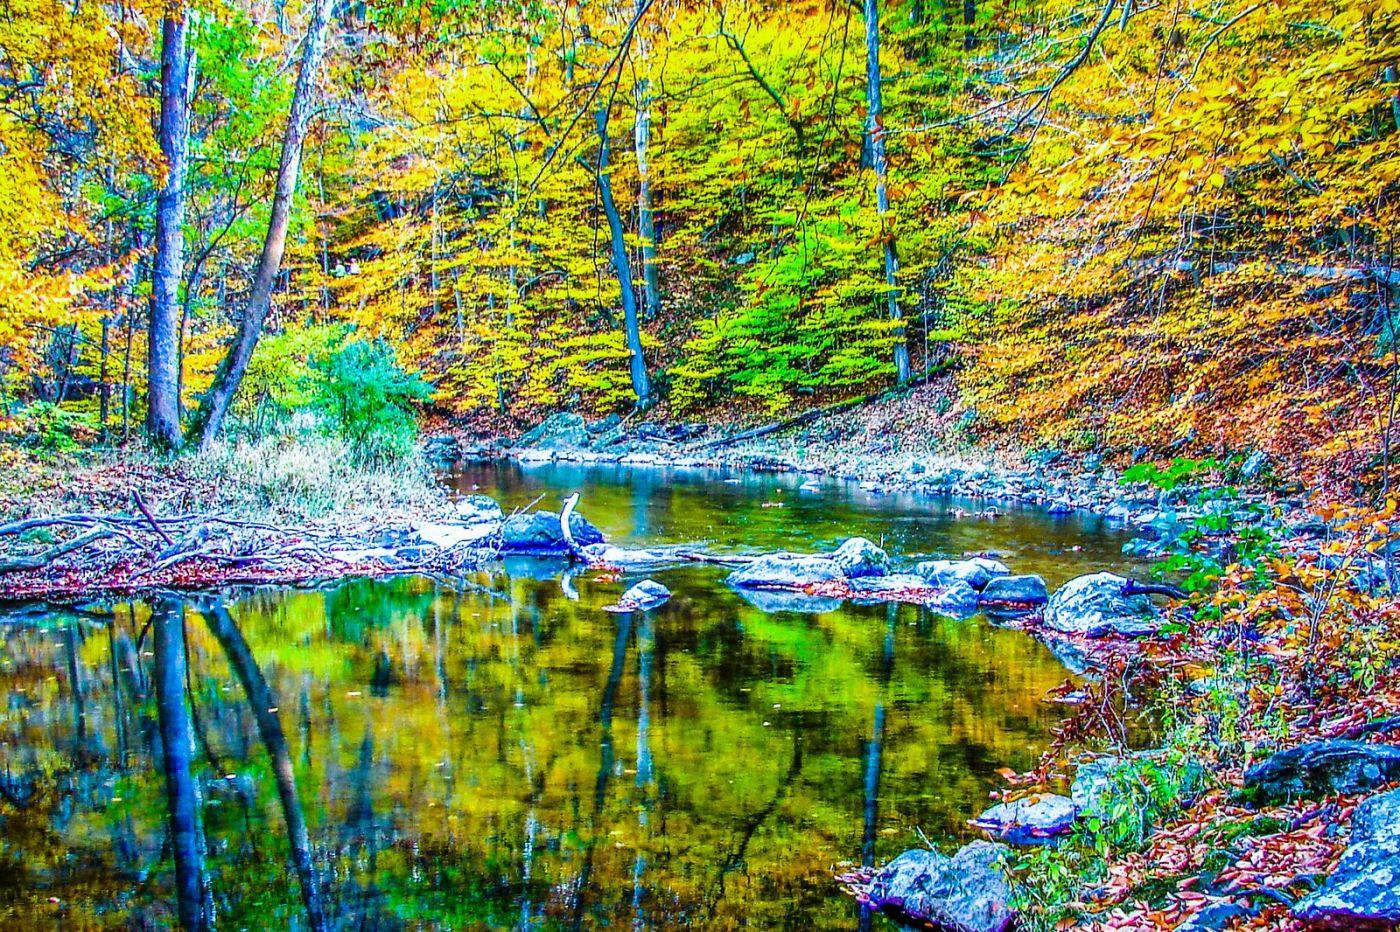 宾州雷德利克里克公园(Ridley creek park),大自然的舞台_图1-22